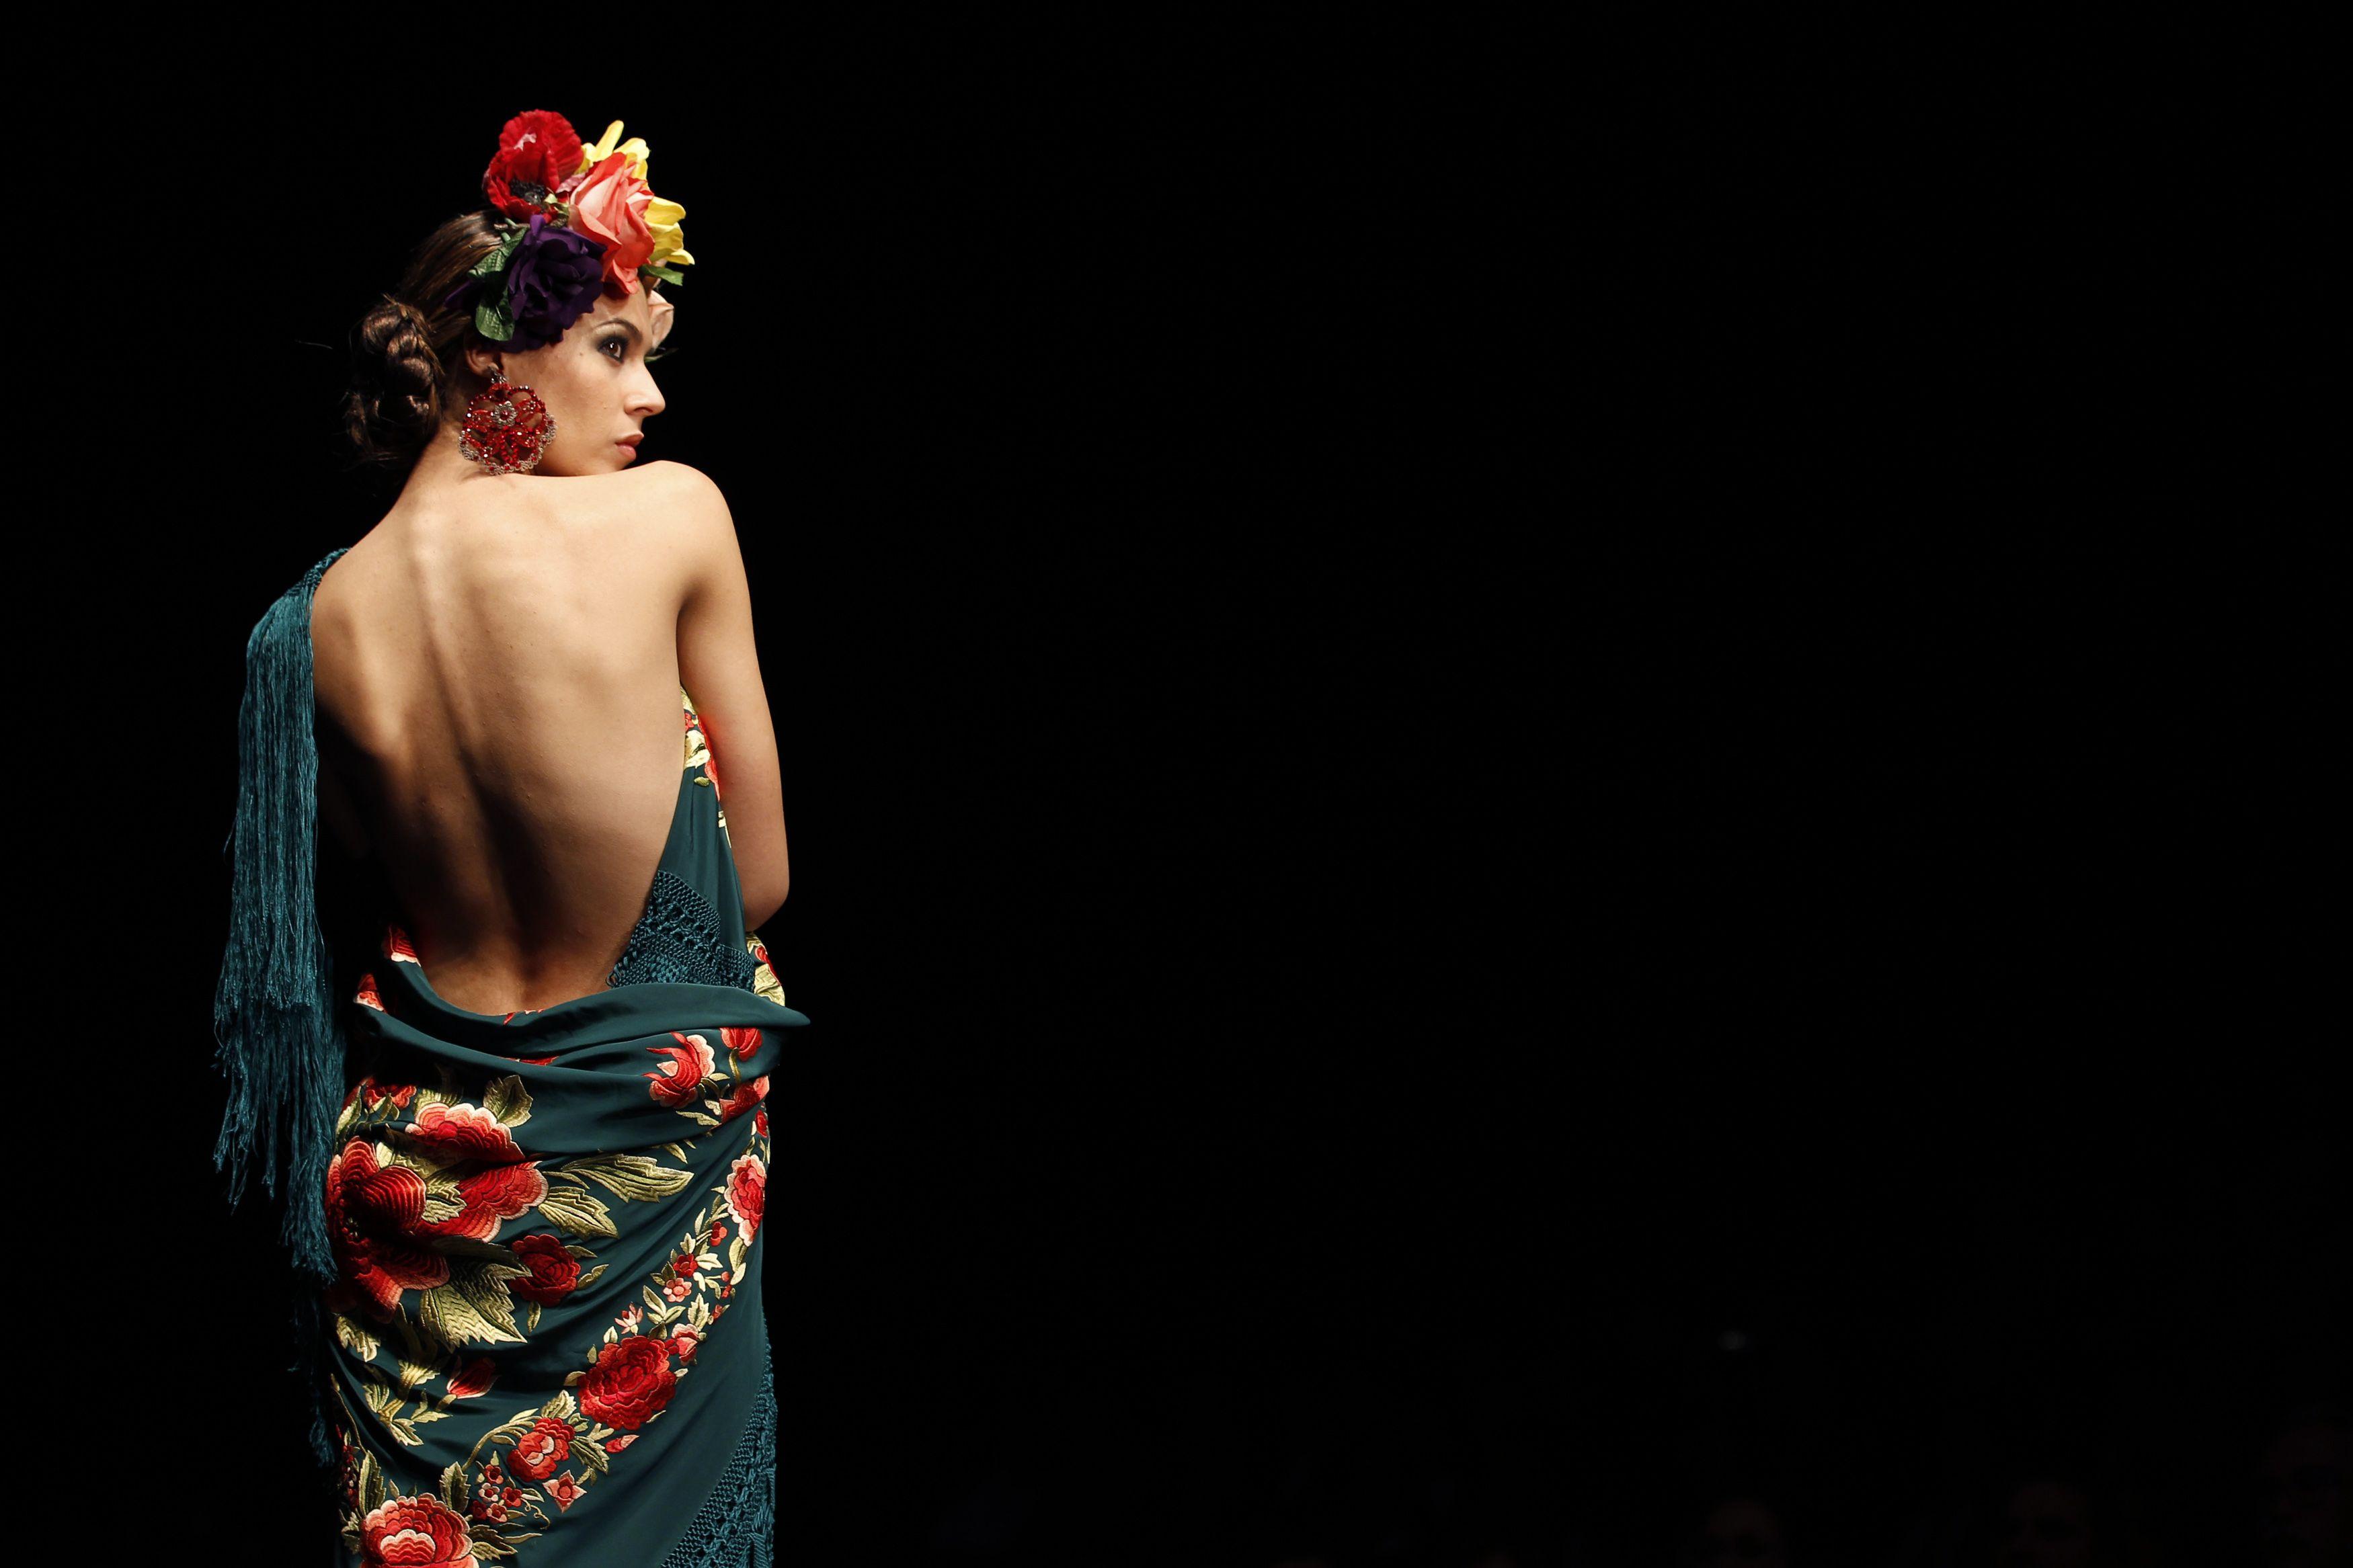 Tendencias moda flamenca 2018